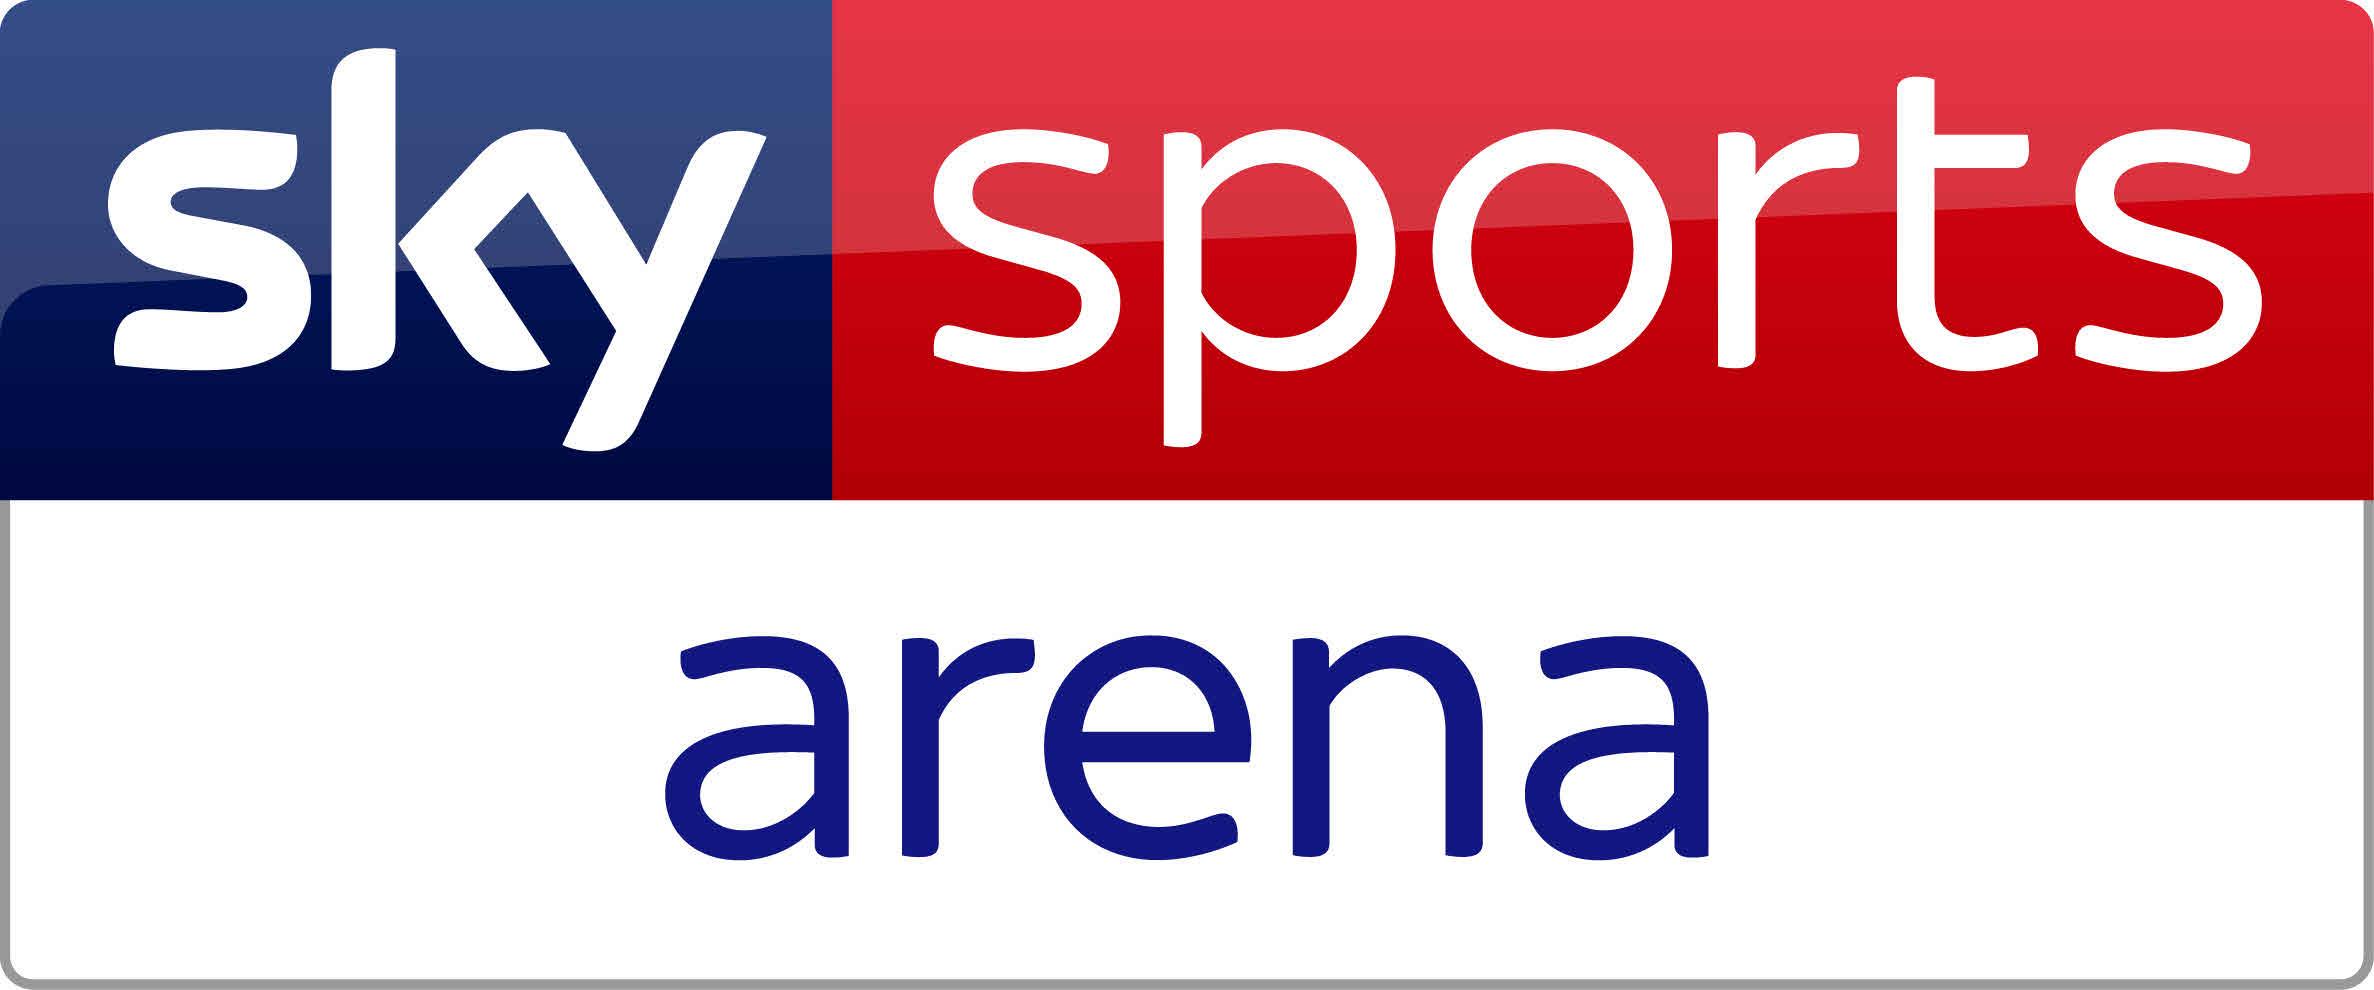 SKY Sport Arena (uk) - Sports Arena PNG